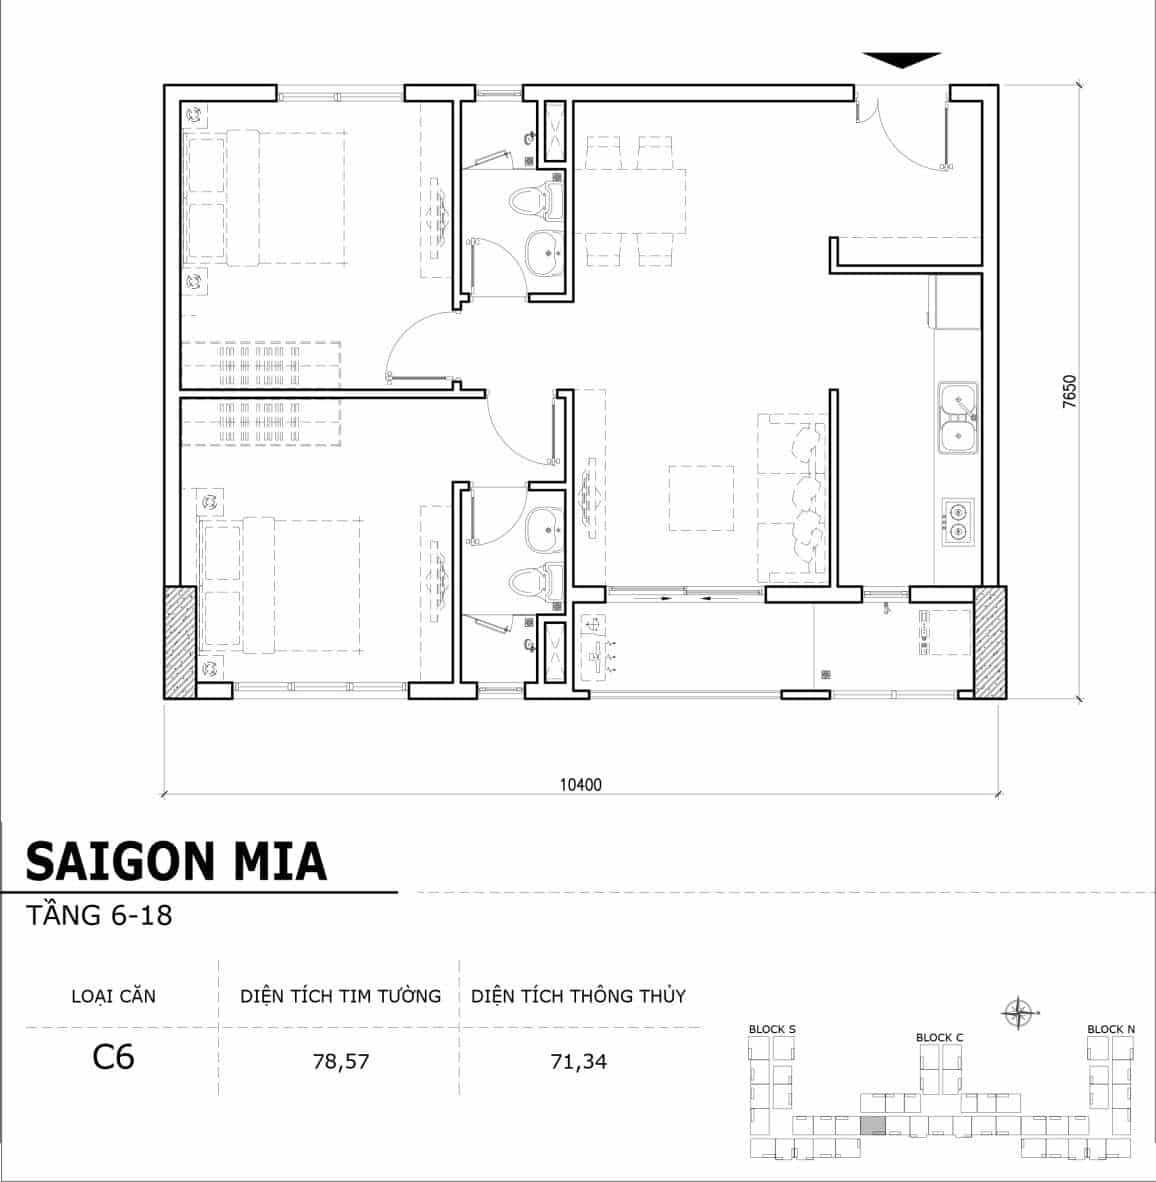 Chi tiết thiết kế căn hộ điển hình tầng 6-18 dự án Sài Gòn Mia - Căn C6